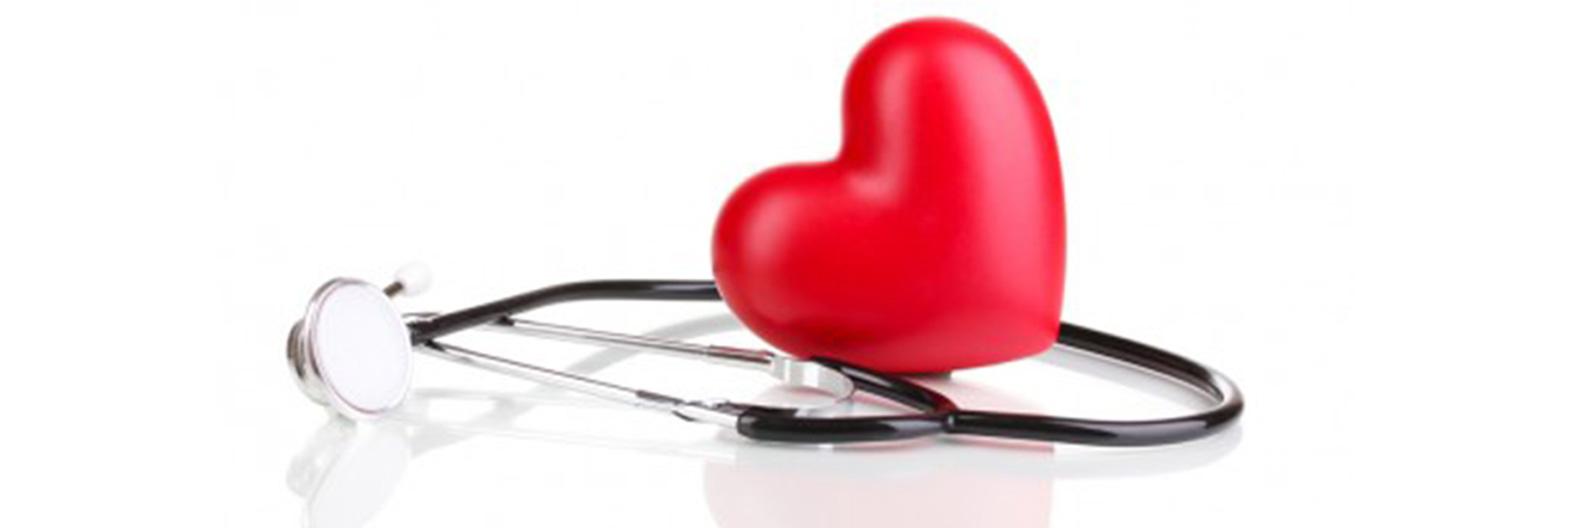 magnis ir kalis hipertenzijai gydyti